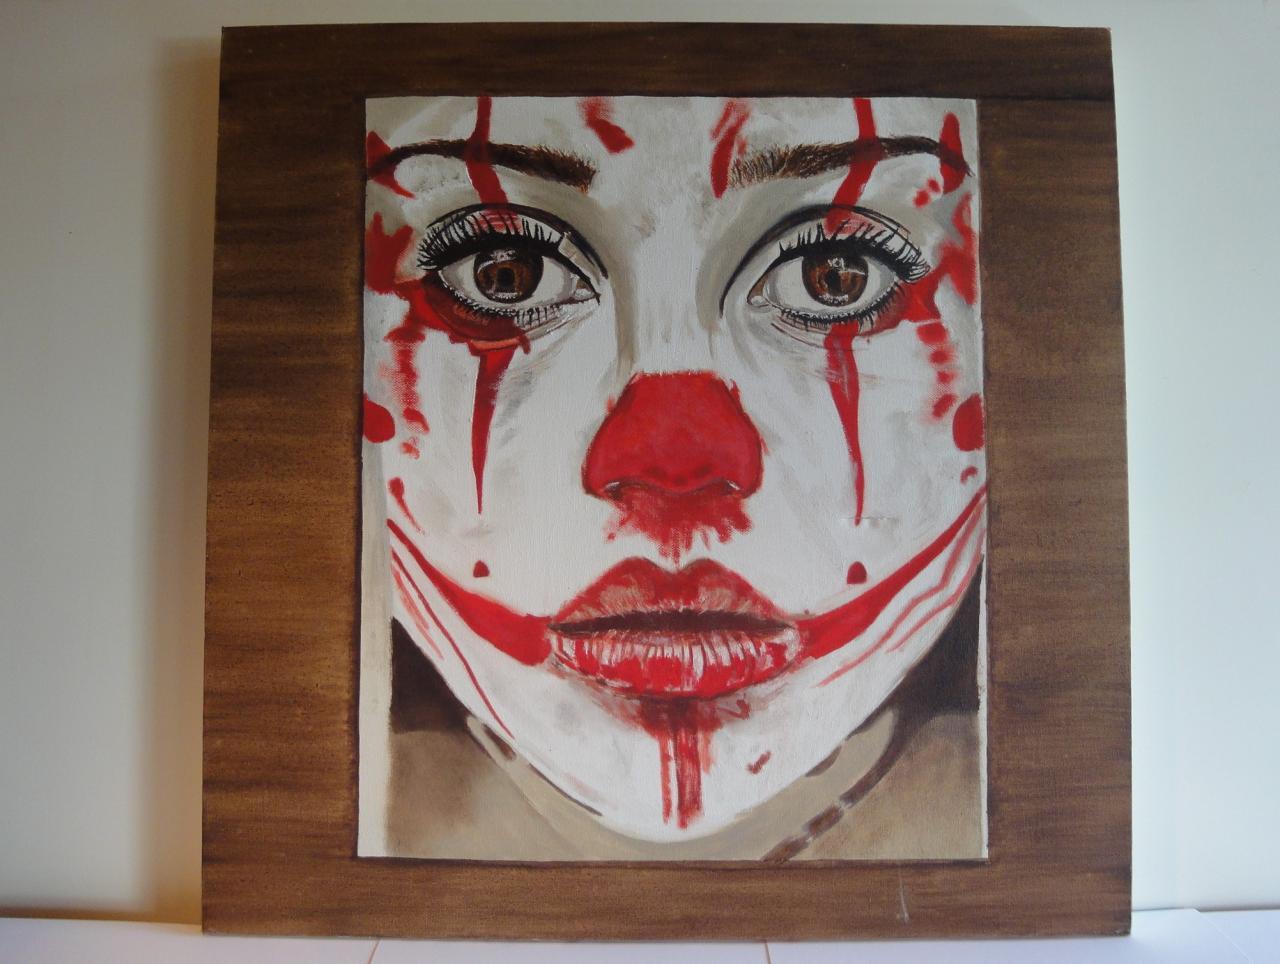 Visage, huile sur toile, 60x60, collection privée